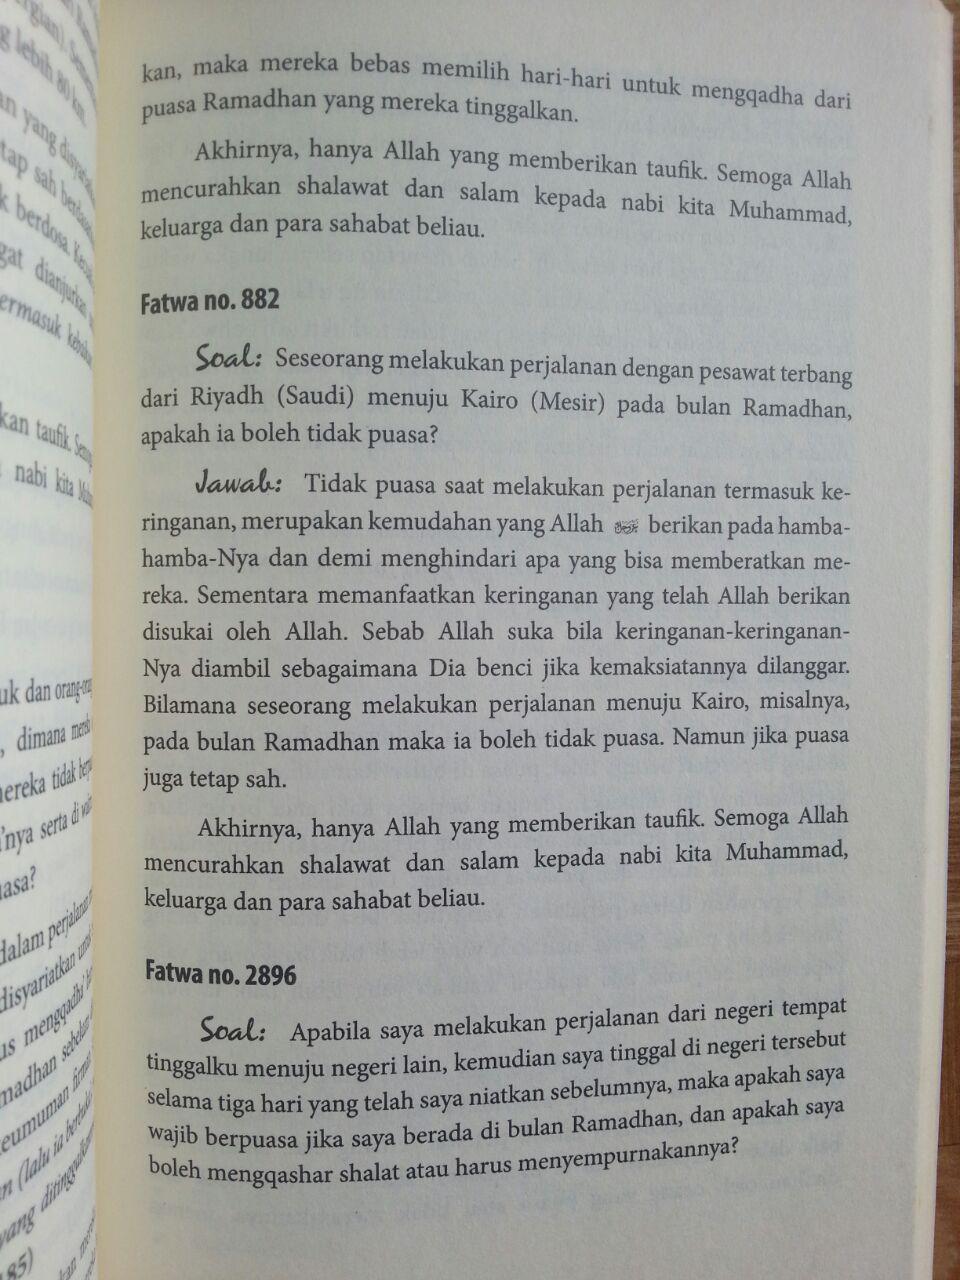 Buku Fatwa-Fatwa Tentang Puasa isi 3